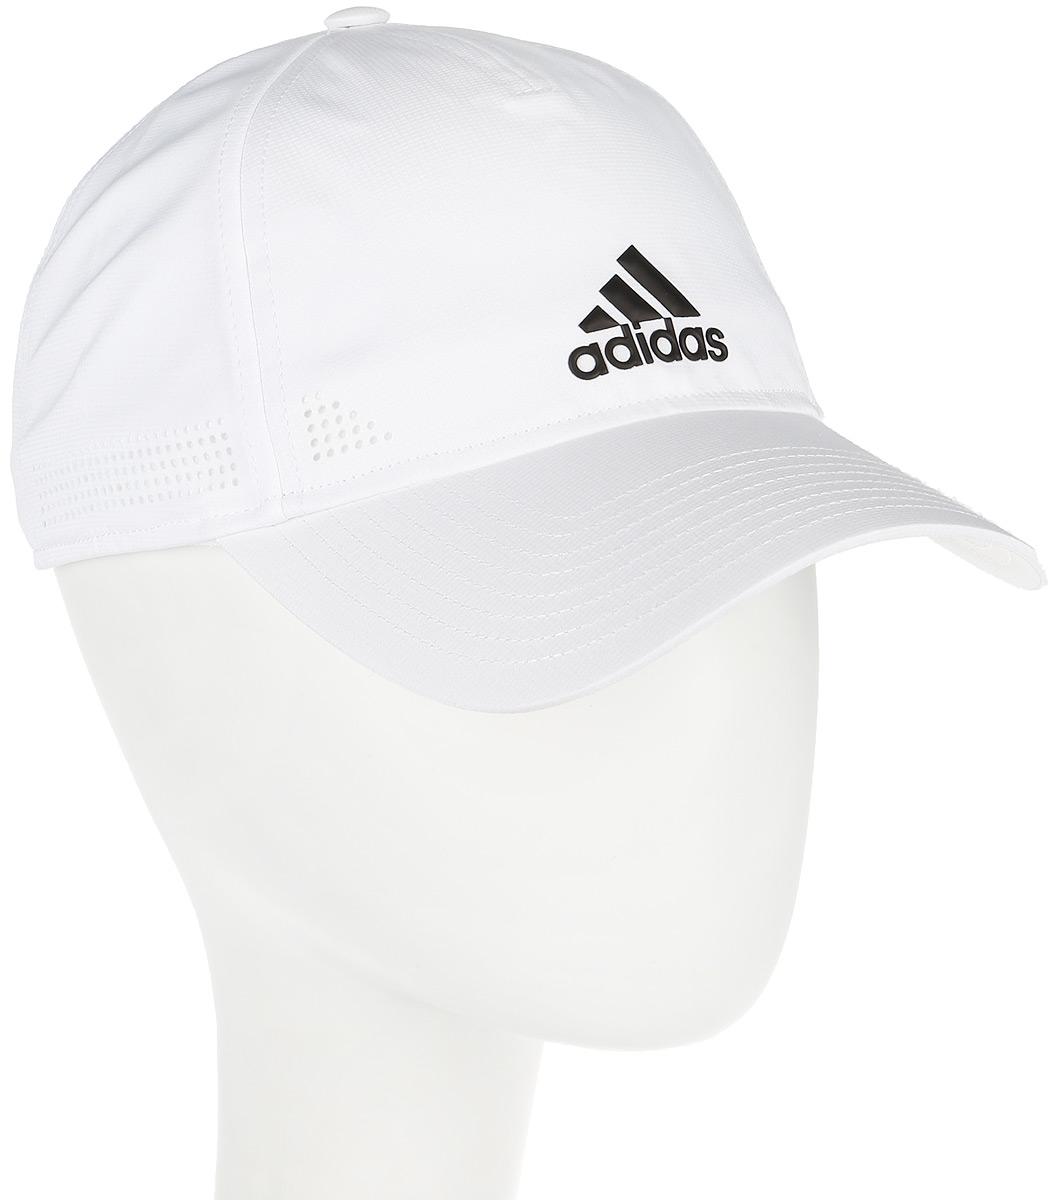 Бейсболка adidas 6P Clmco Cap, цвет: белый. S97595. Размер 58/60S97595Бейсболка adidas 6P Clmco Cap выполнена из 100% полиэстера. Модель оформлена логотипом бренда.